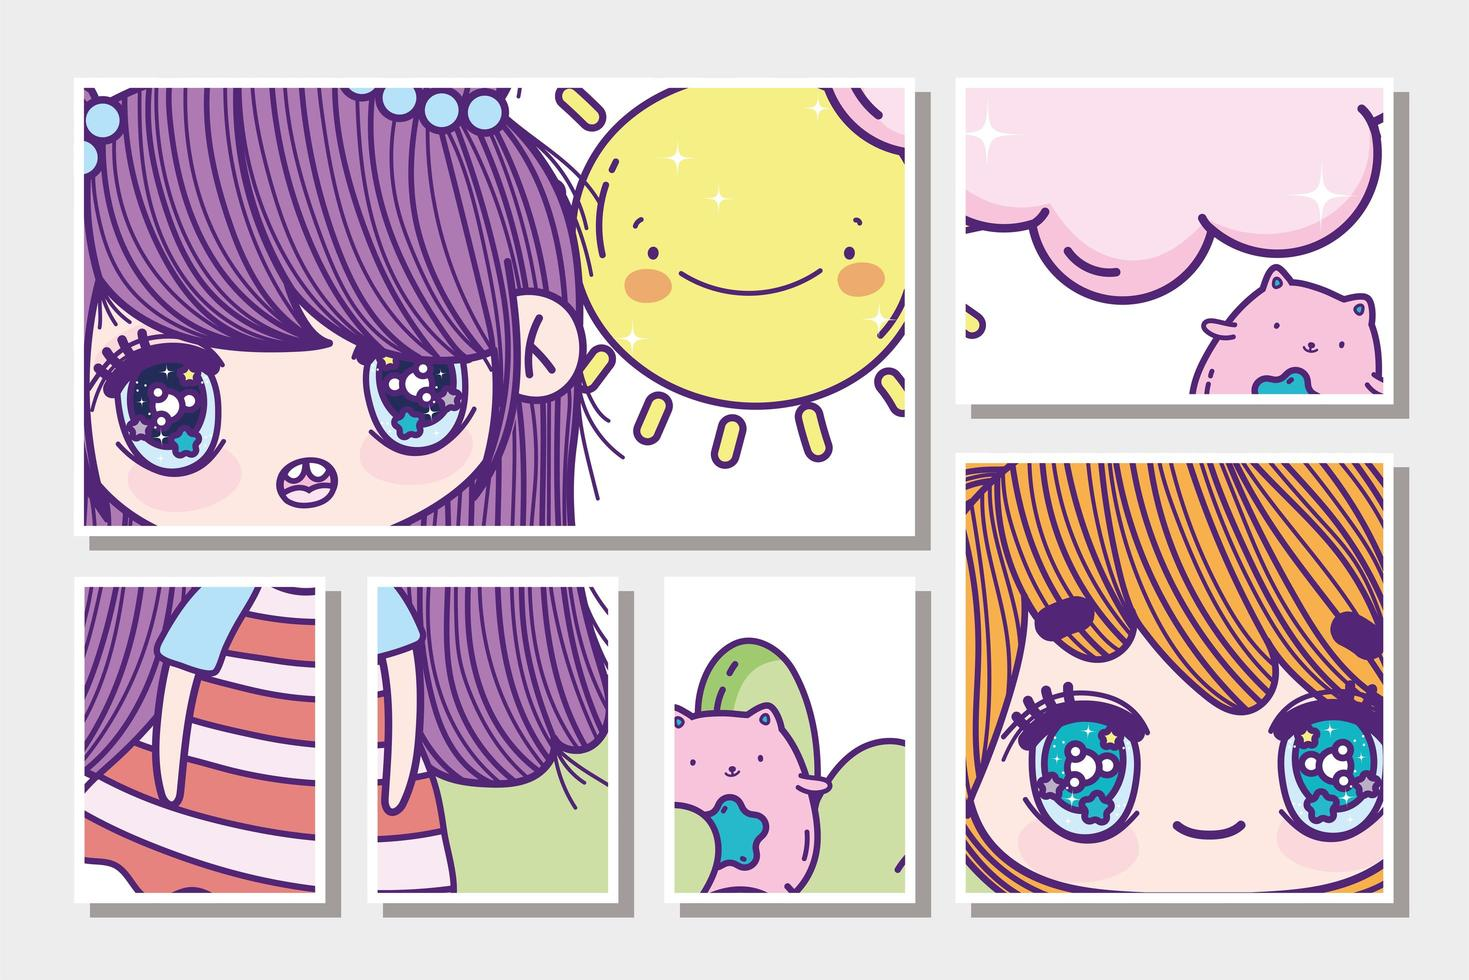 filles anime avec des cartes chat et soleil vecteur